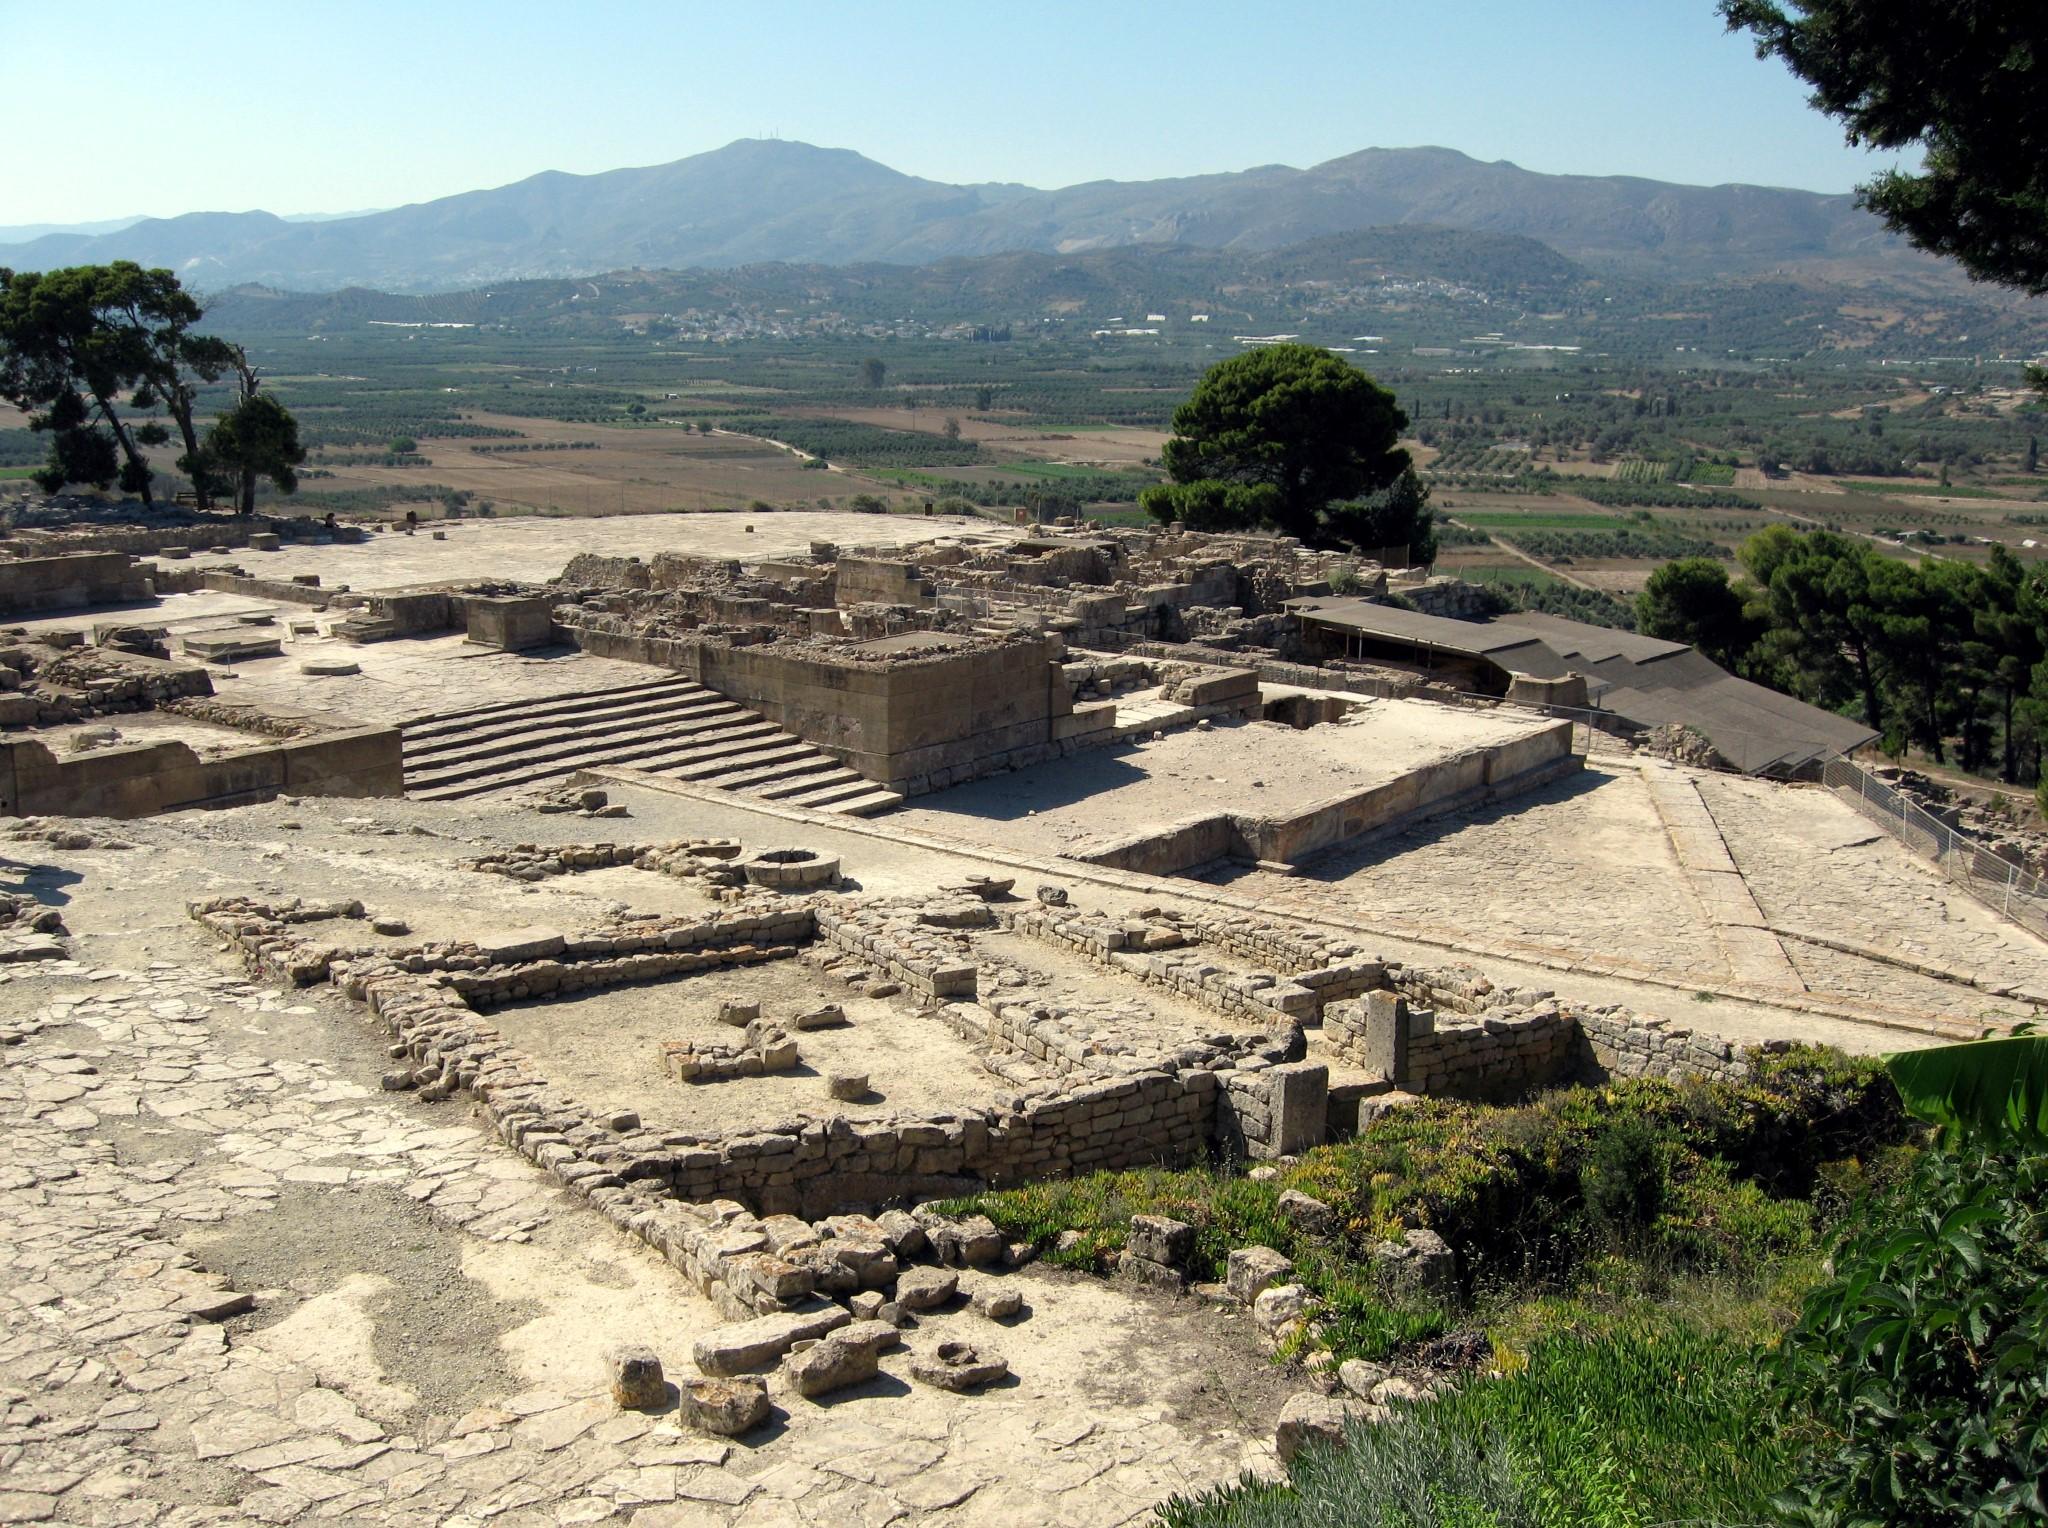 Phaistos-Gortyna-Matala-Agia Triada